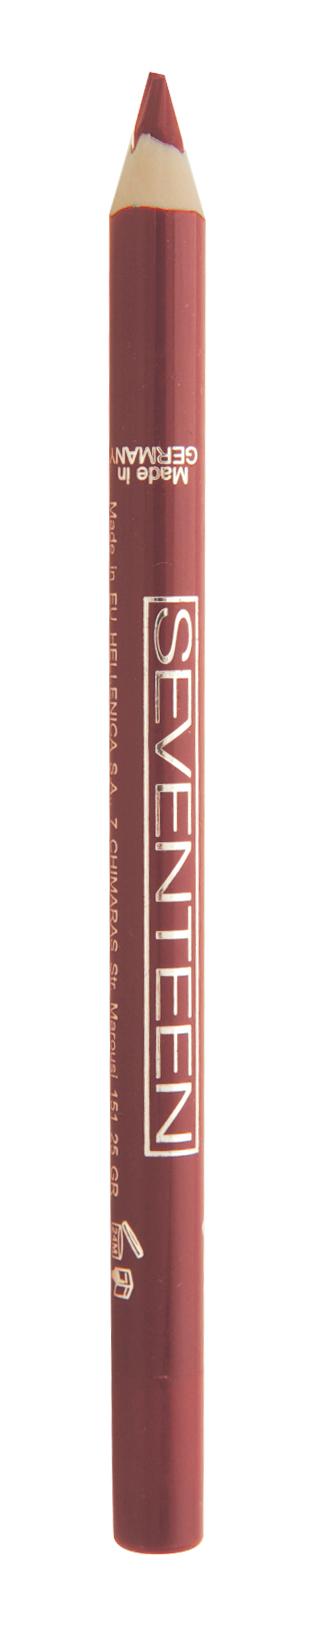 SEVENTEEN Карандаш для губ водостойкий с витамином Е, 10 томат / Super Smooth W/P Lip Liner 1,2 г косметические карандаши seventeen карандаш для губ водостойкий с витамином е super smooth w p lip liner 32